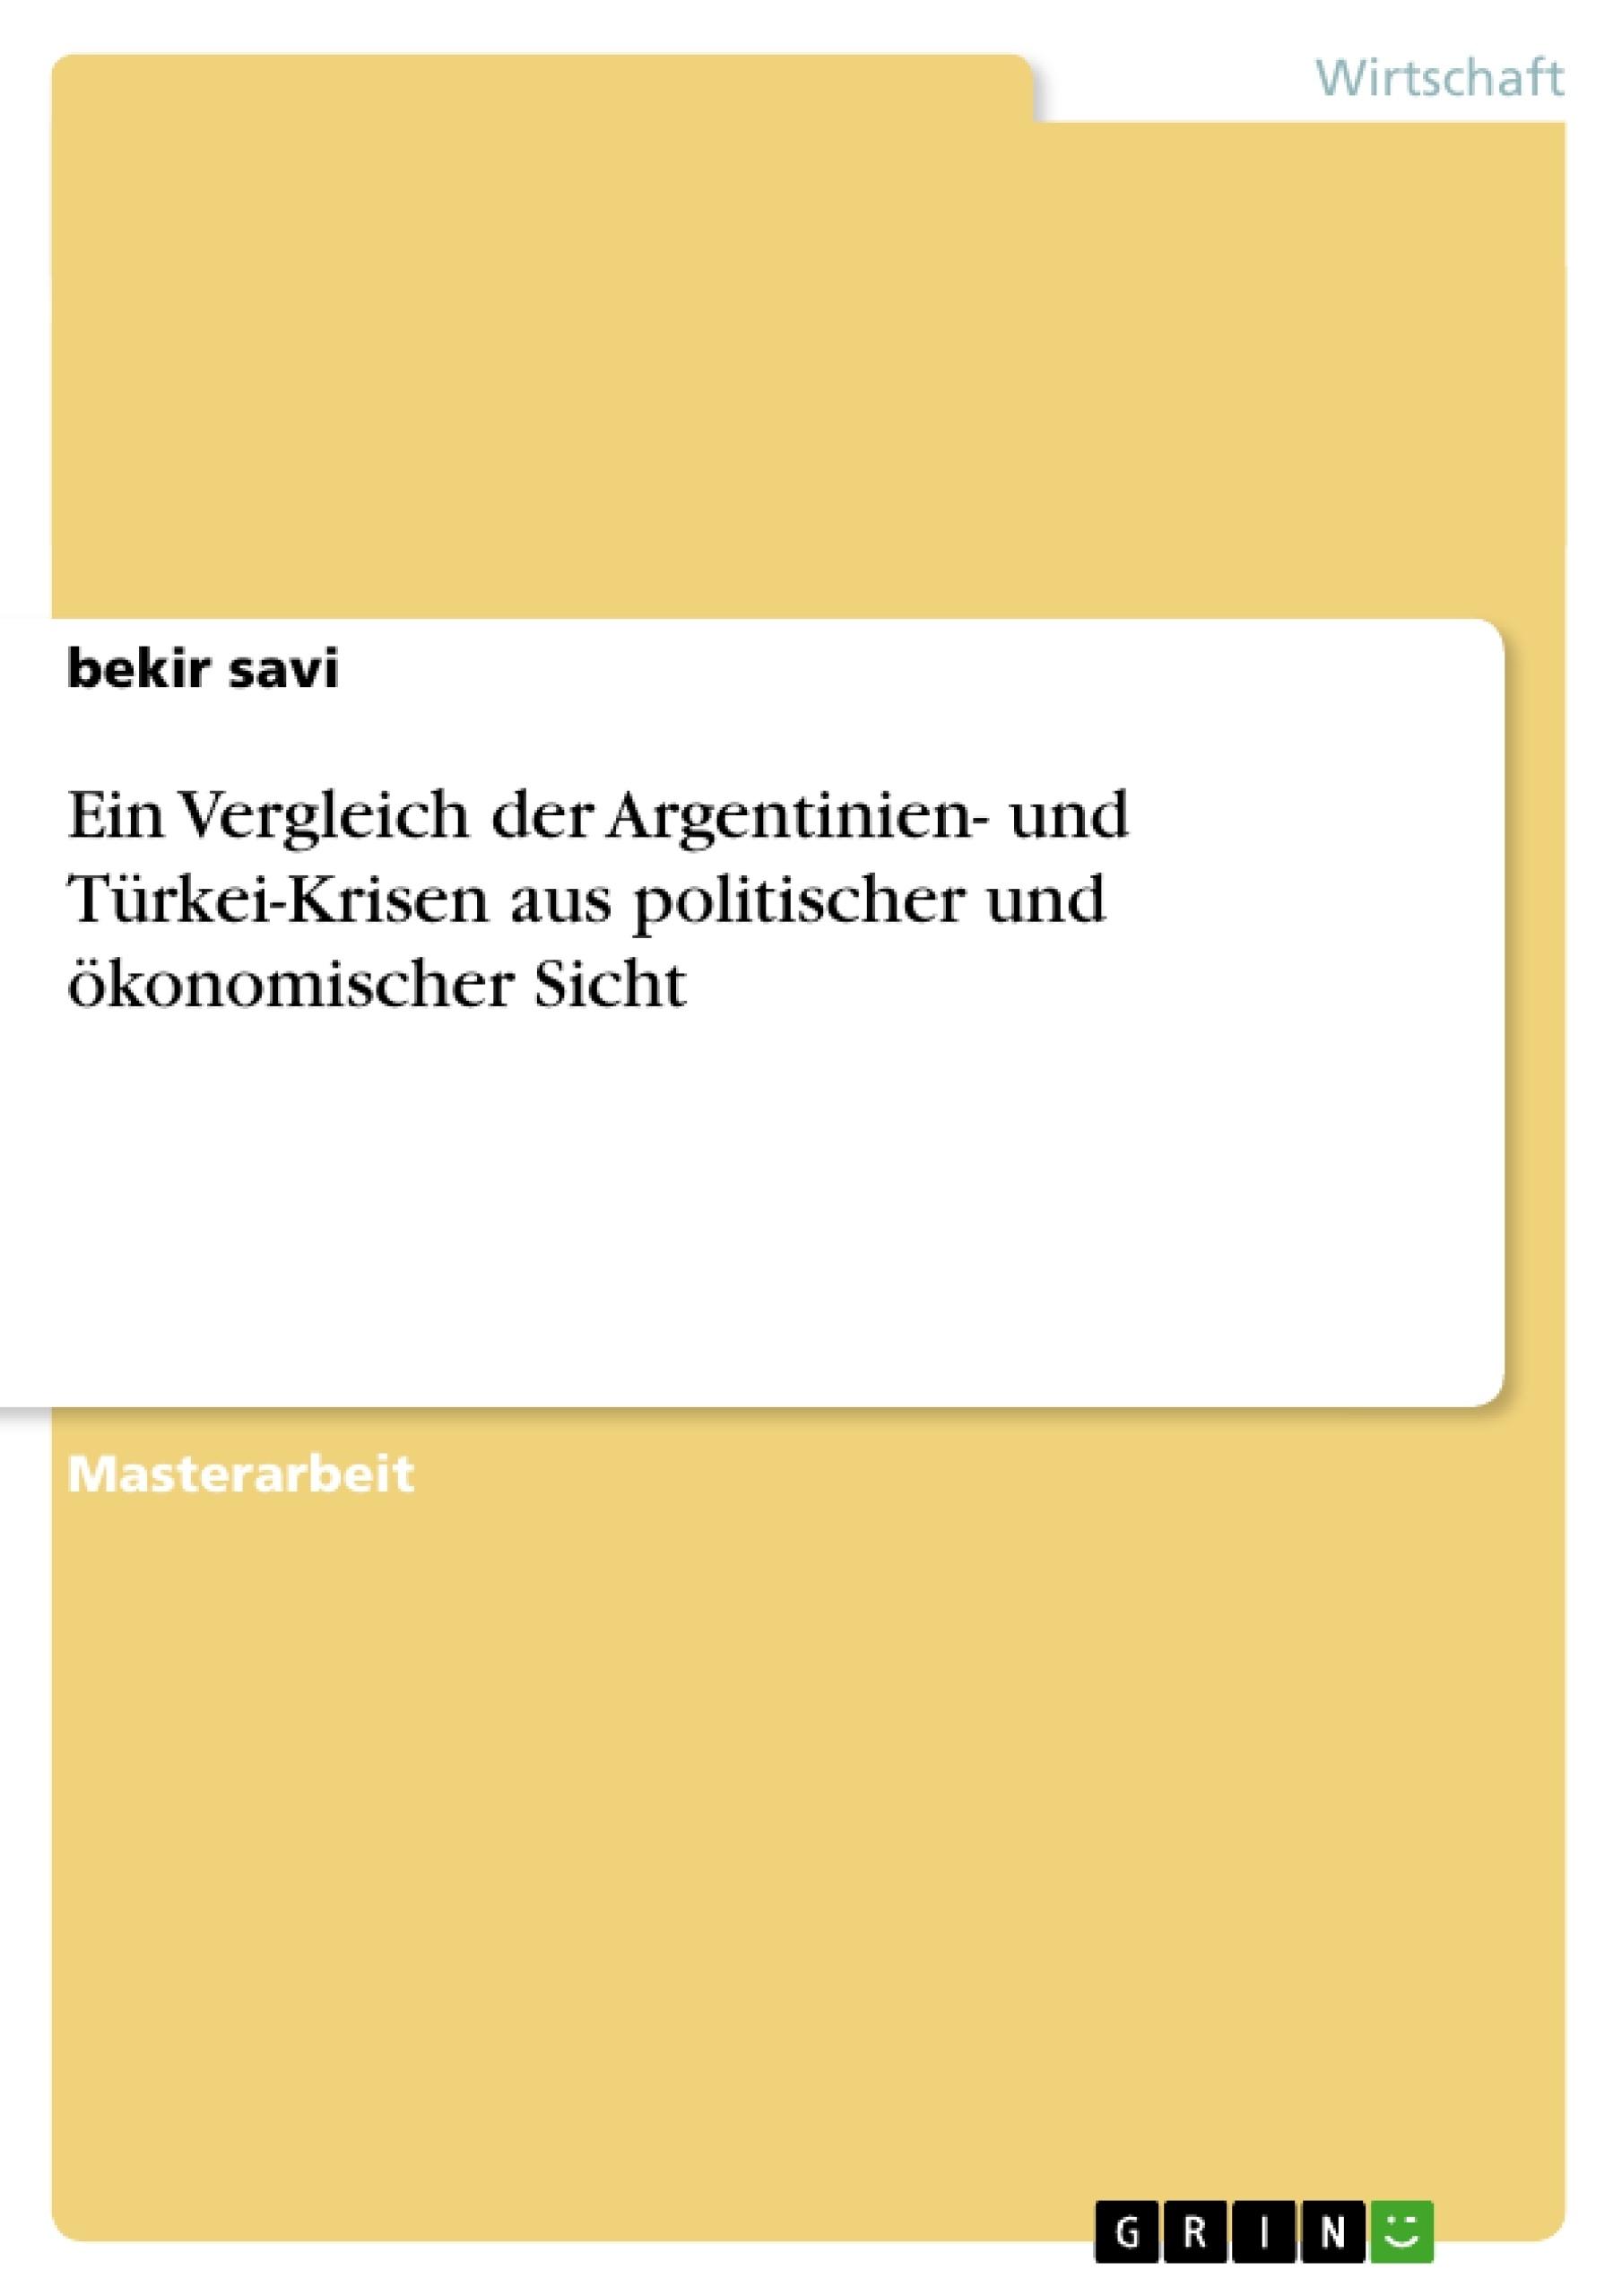 Titel: Ein Vergleich der Argentinien- und Türkei-Krisen aus politischer und ökonomischer Sicht